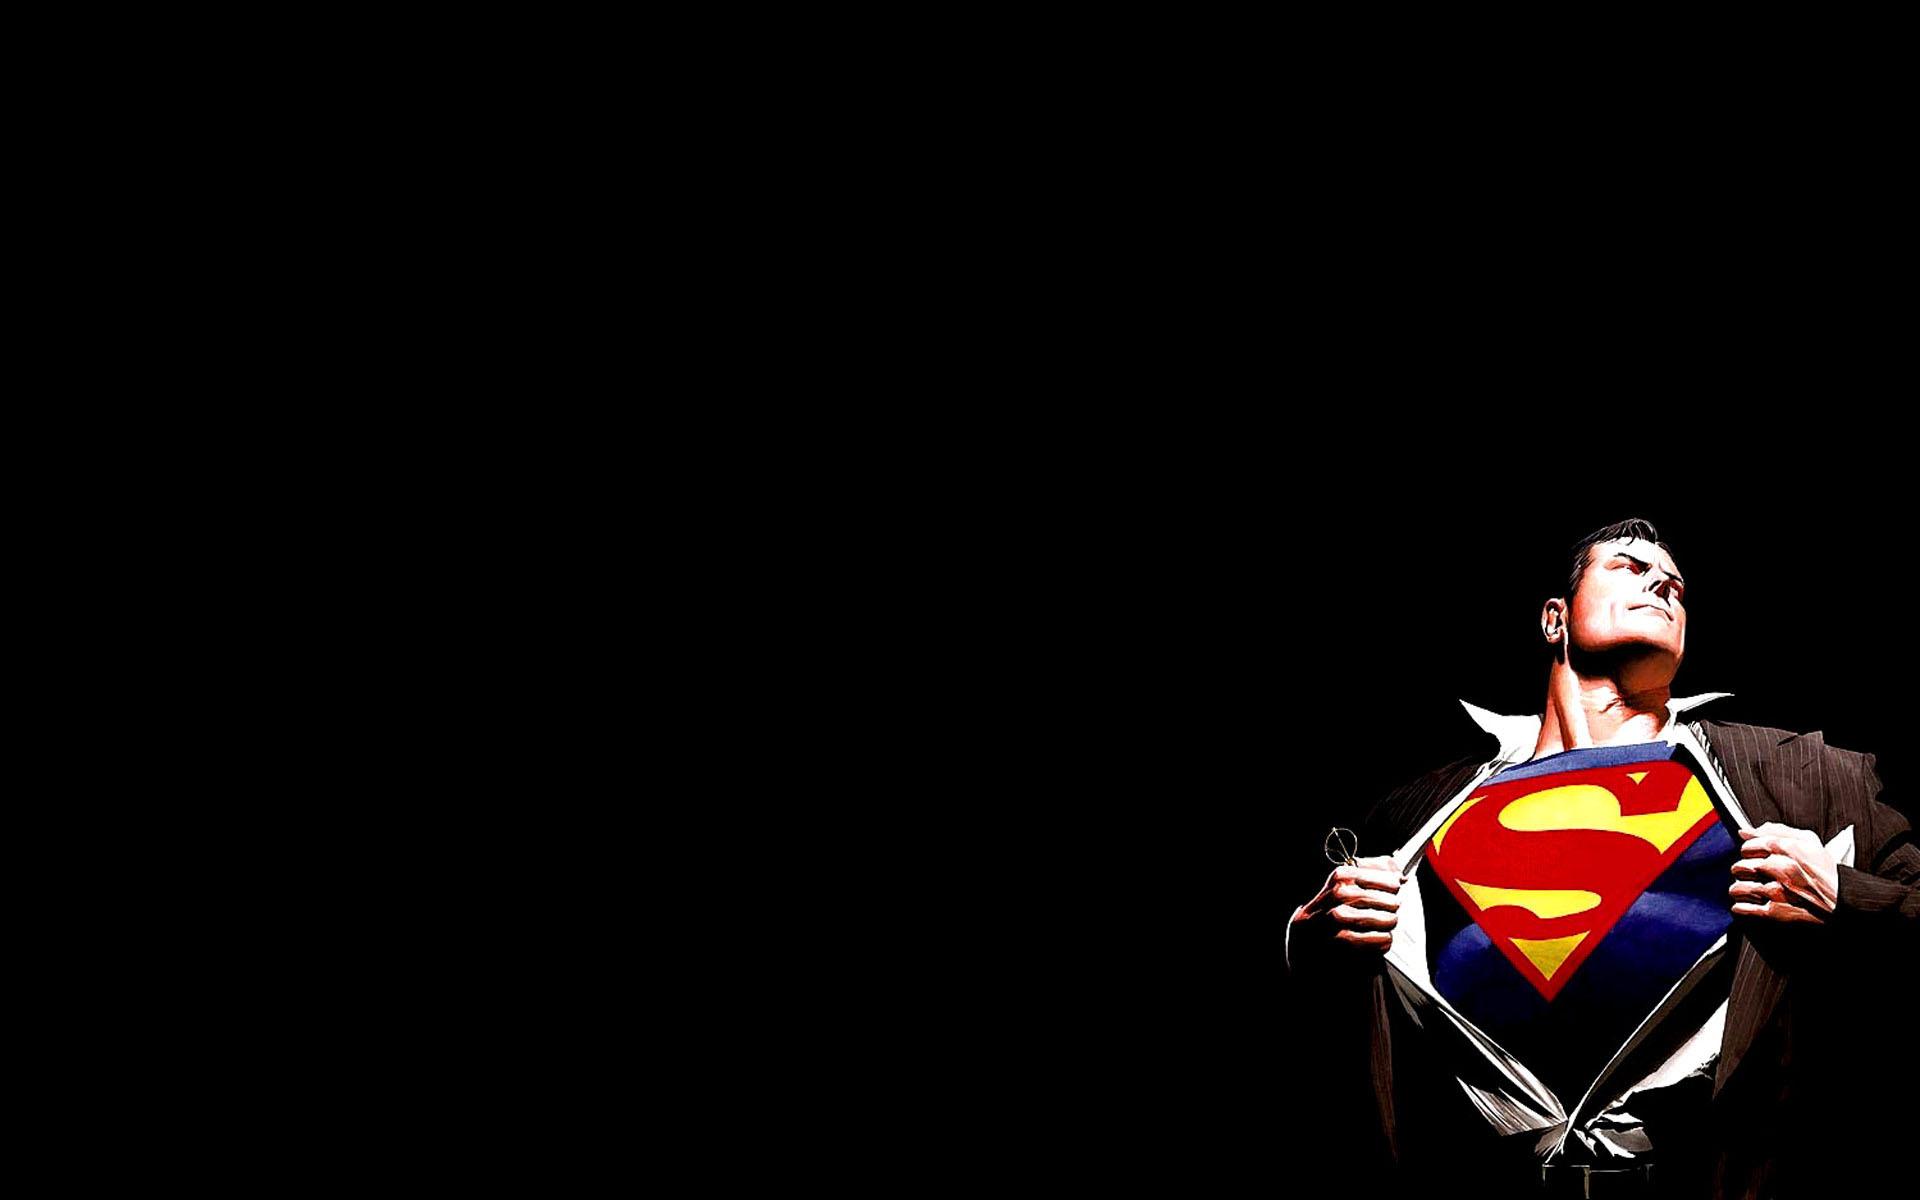 Description Superman Wallpaper HD is a hi res Wallpaper for pc 1920x1200